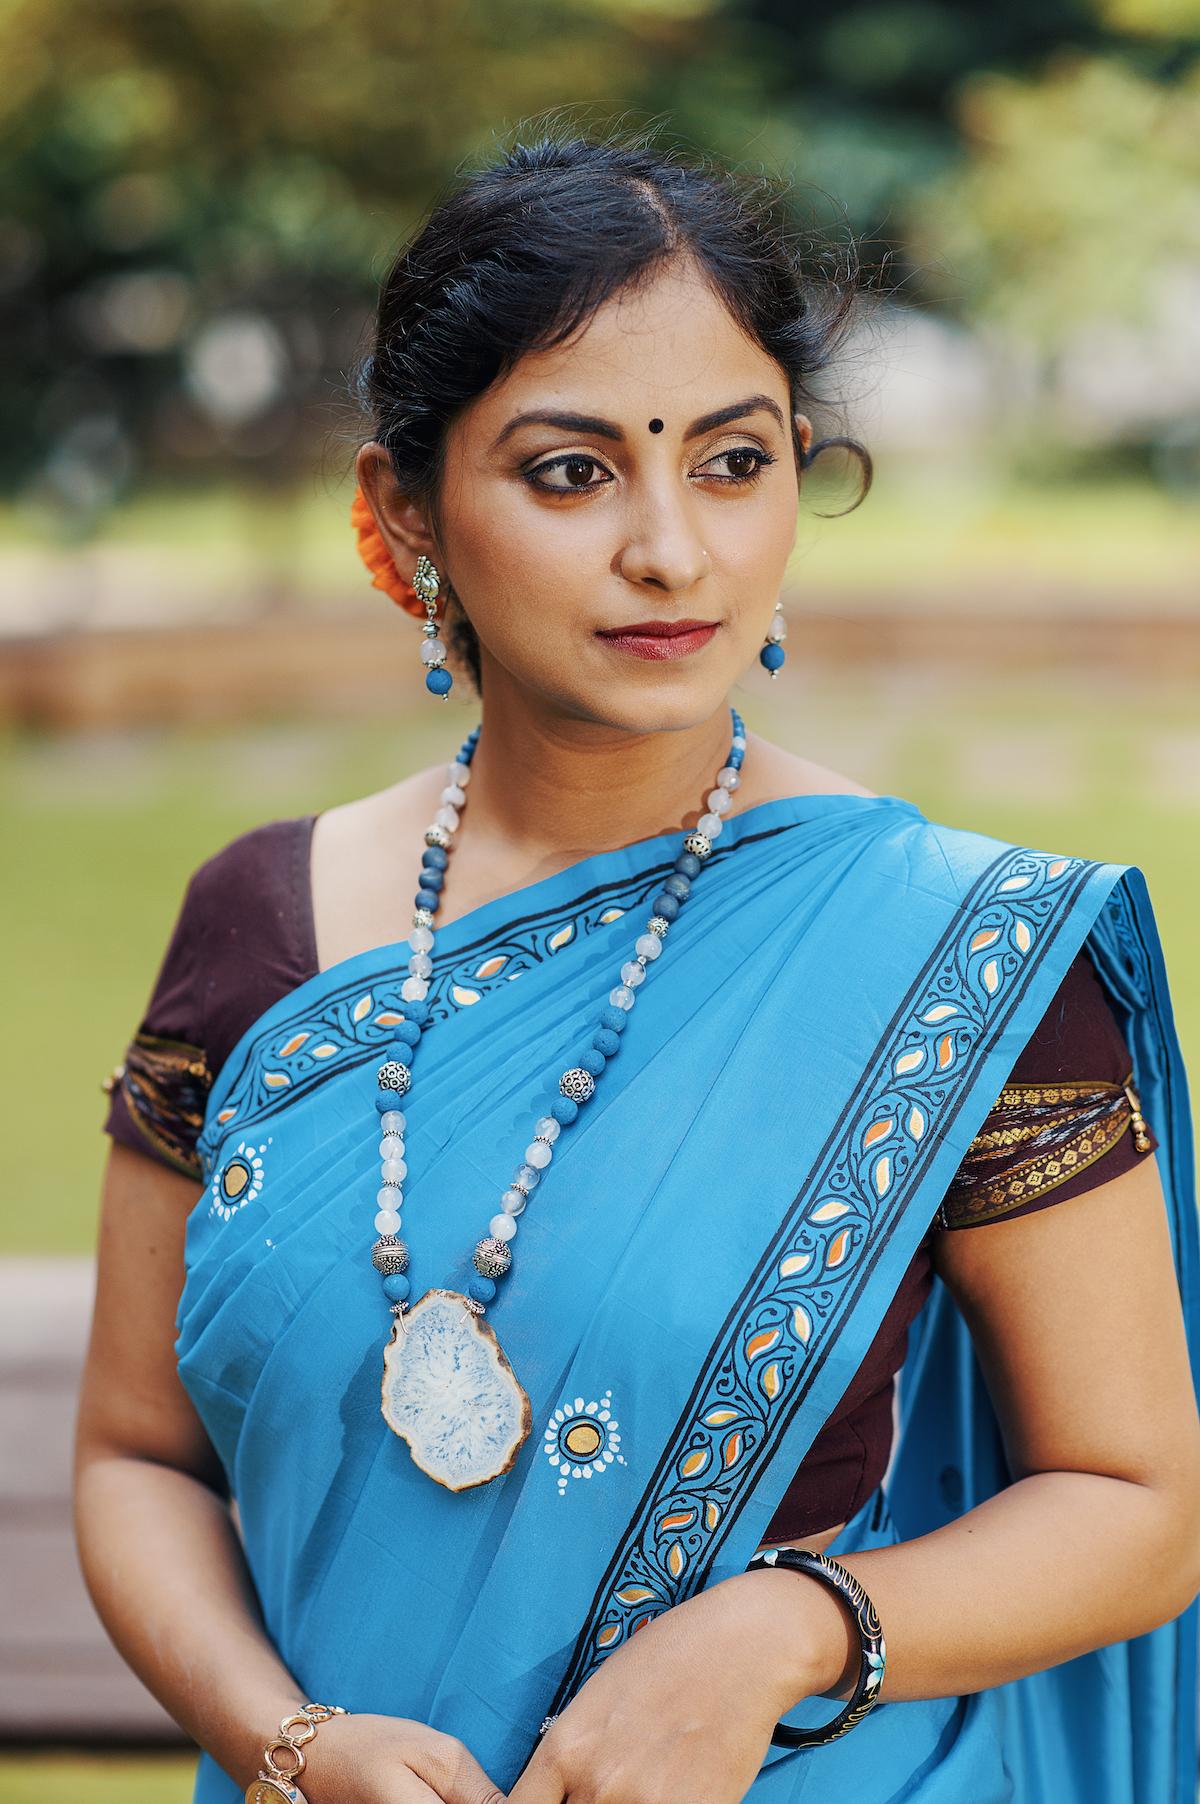 Vipakka-sarees Shop The Look